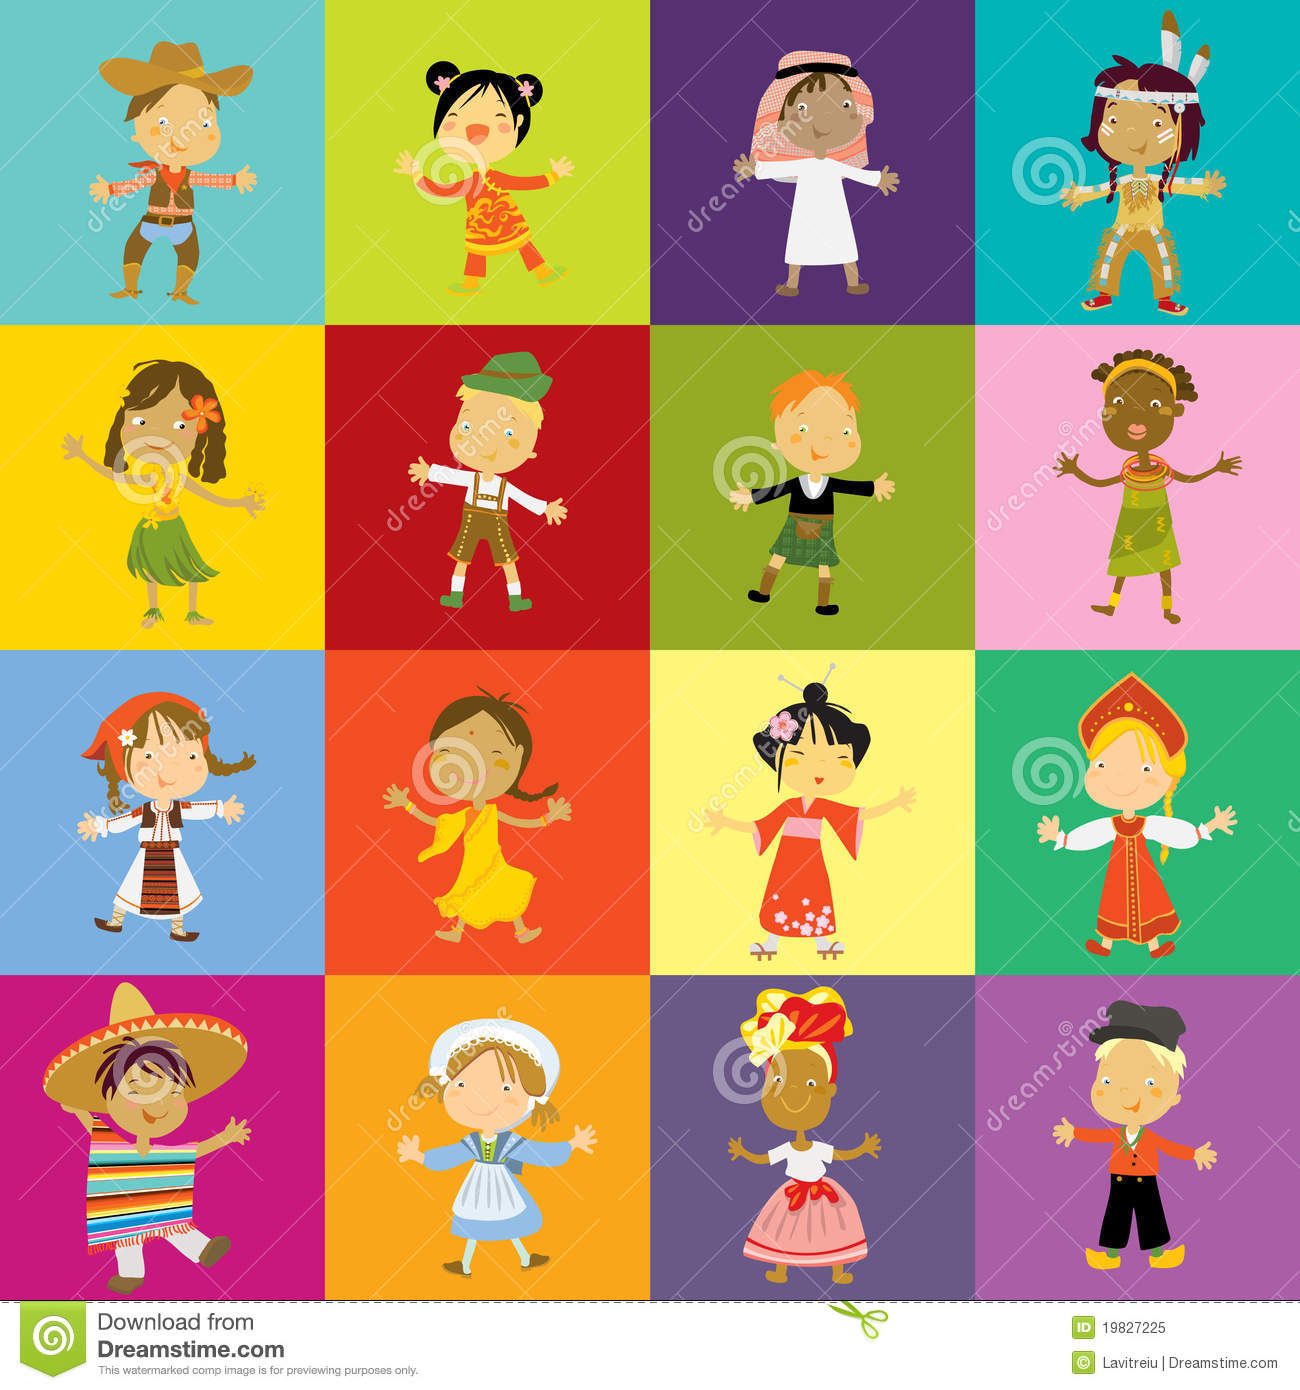 Culture clipart school diversity Royalty Preview clipart children diversity